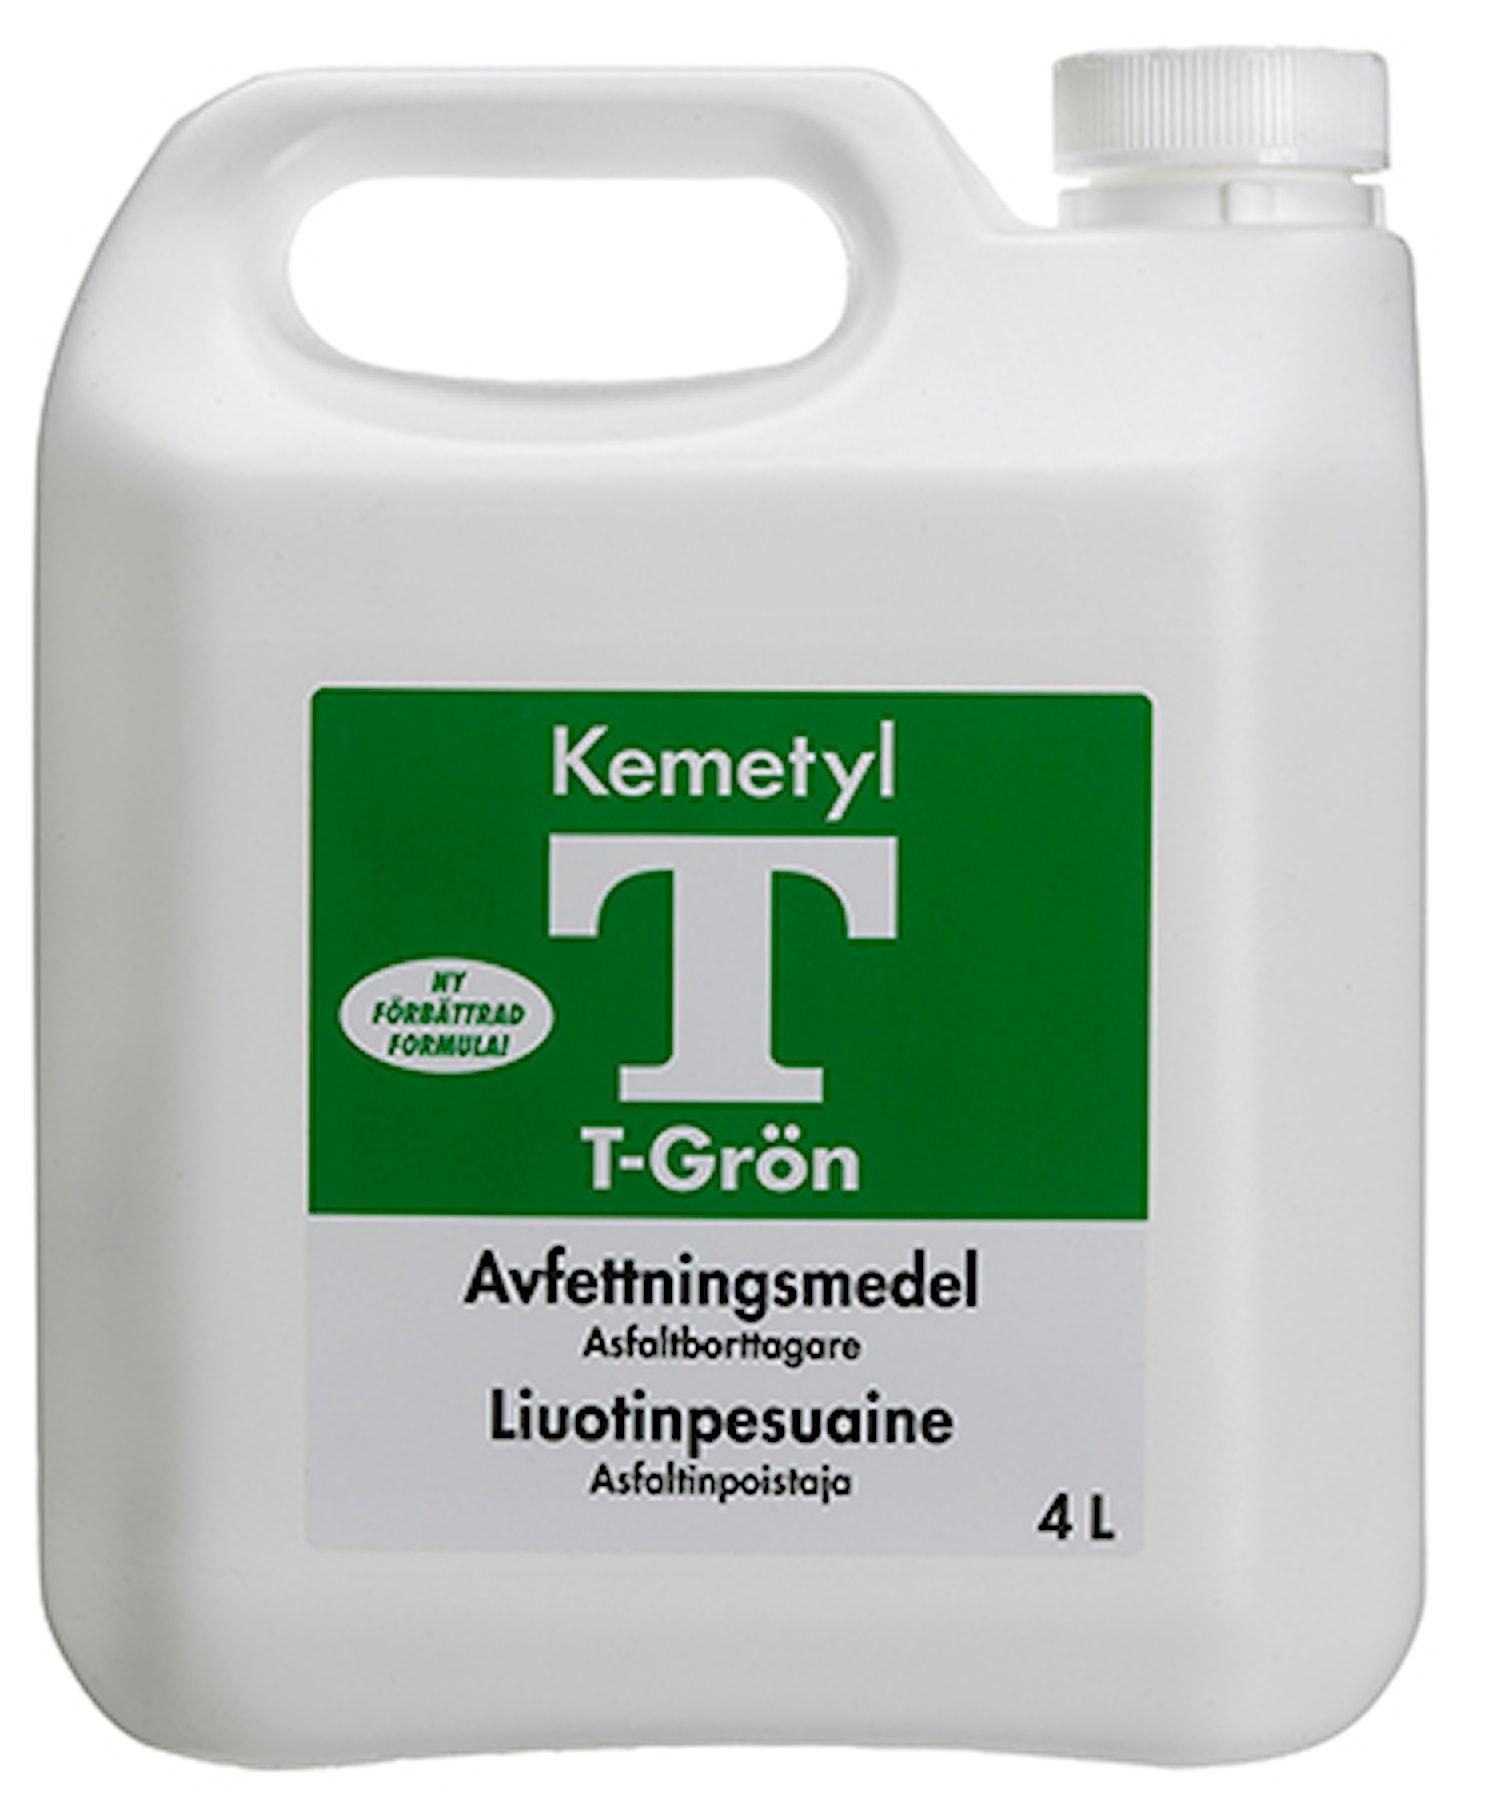 Avfettningsmedel T-Grön